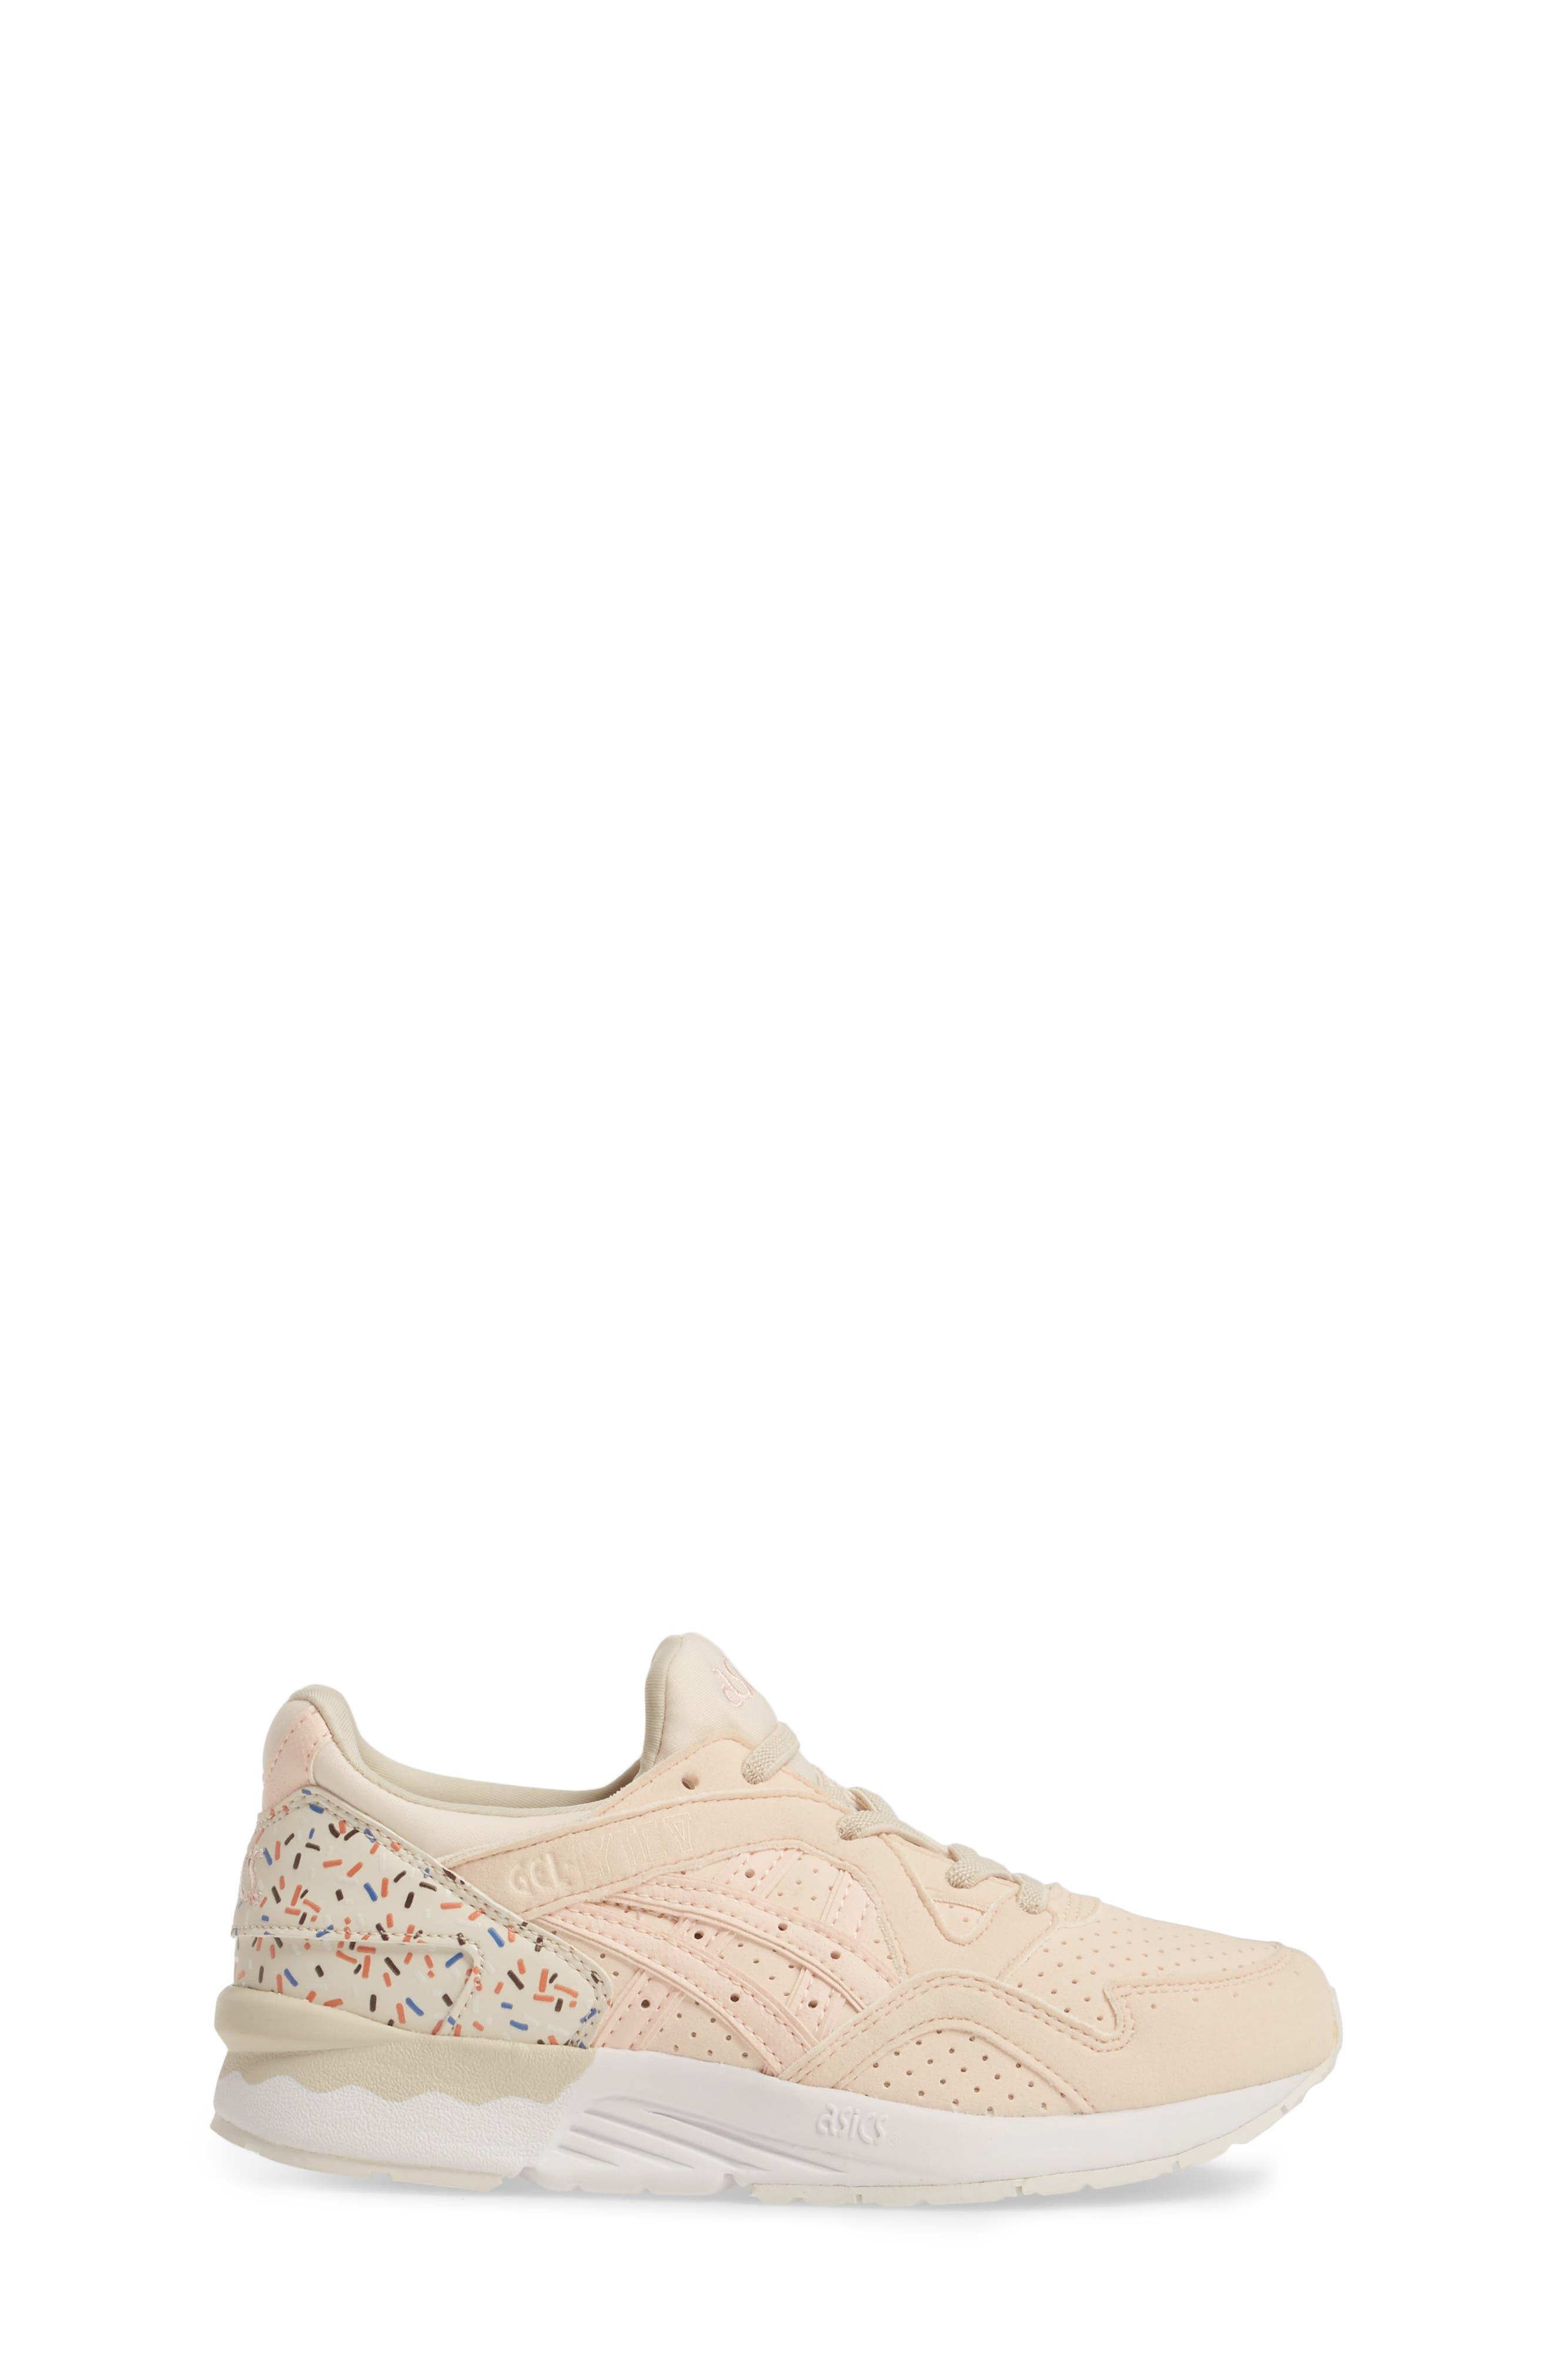 GEL-Lyte V Sneaker,                             Alternate thumbnail 3, color,                             Vanilla Cream/ Vanilla Cream